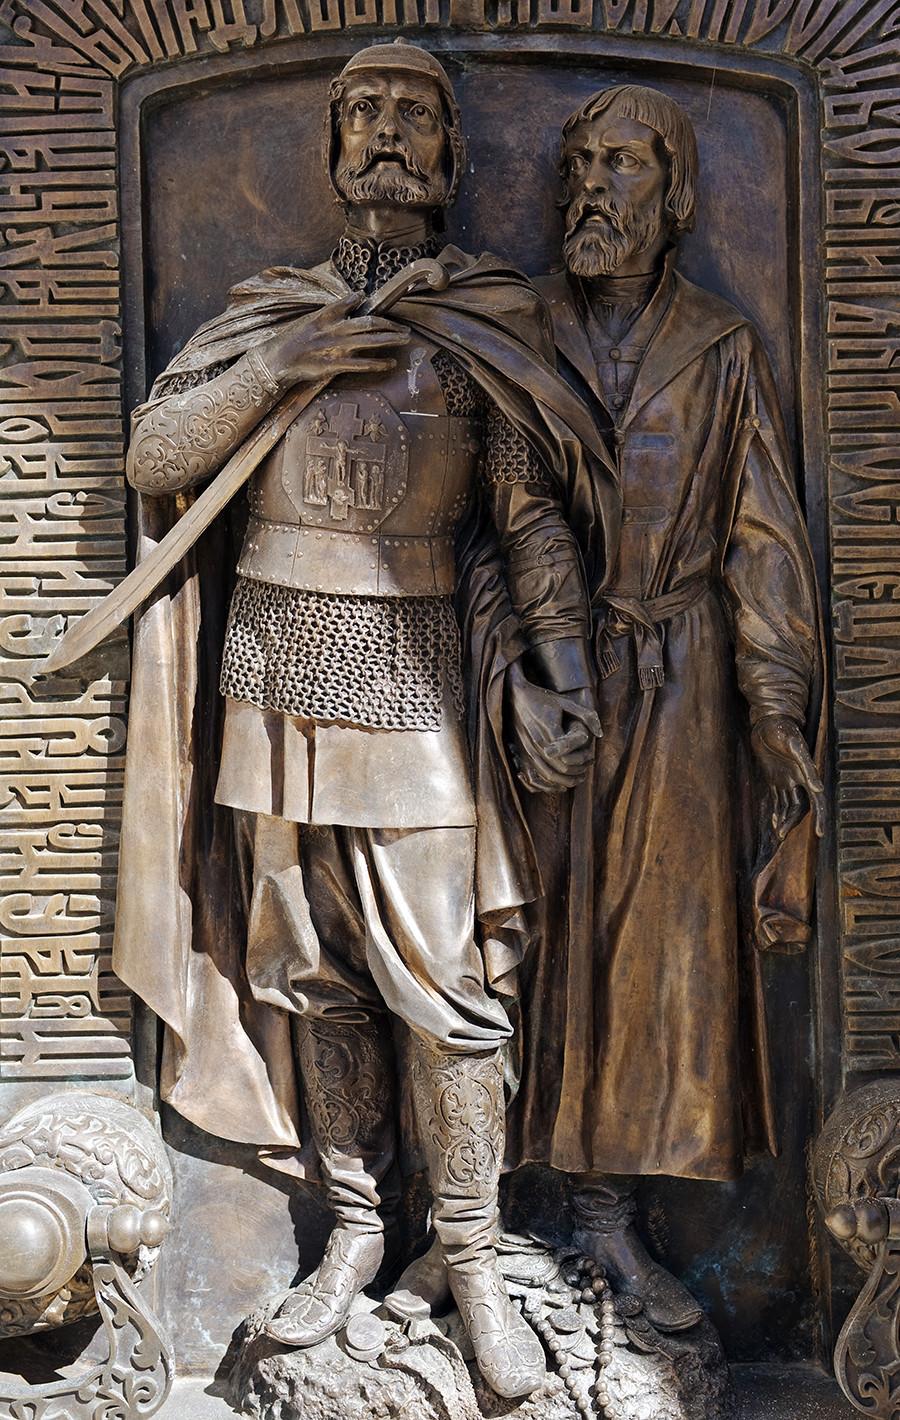 Rusija, Suzdal, Manstir prepodobnog Jefimija. Brončani reljef s likovima Požarskog i Minjina na vratima male kapele u kojoj se nalazi grob Požarskog.